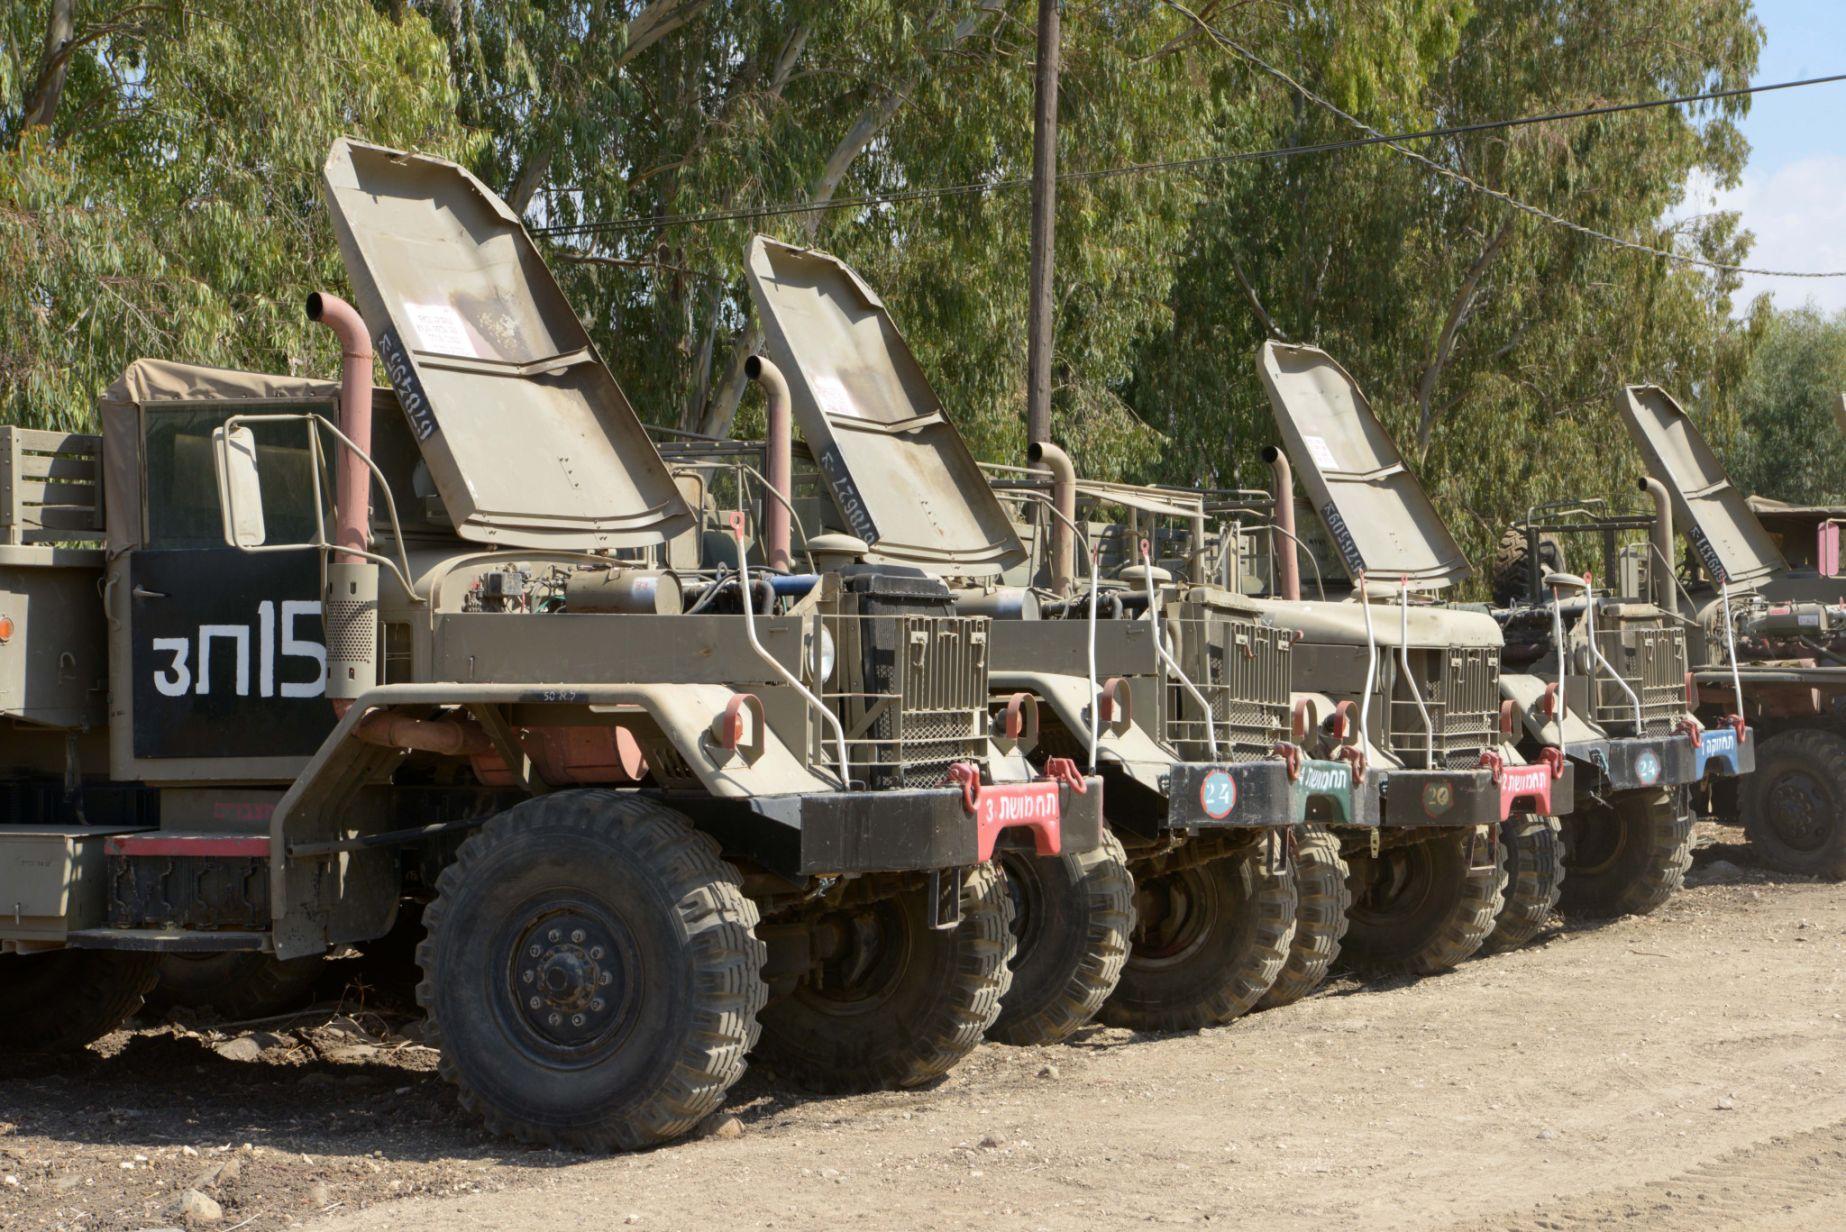 جيش الاحتلال يبدأ بترميم مخازن الطواري العسكرية